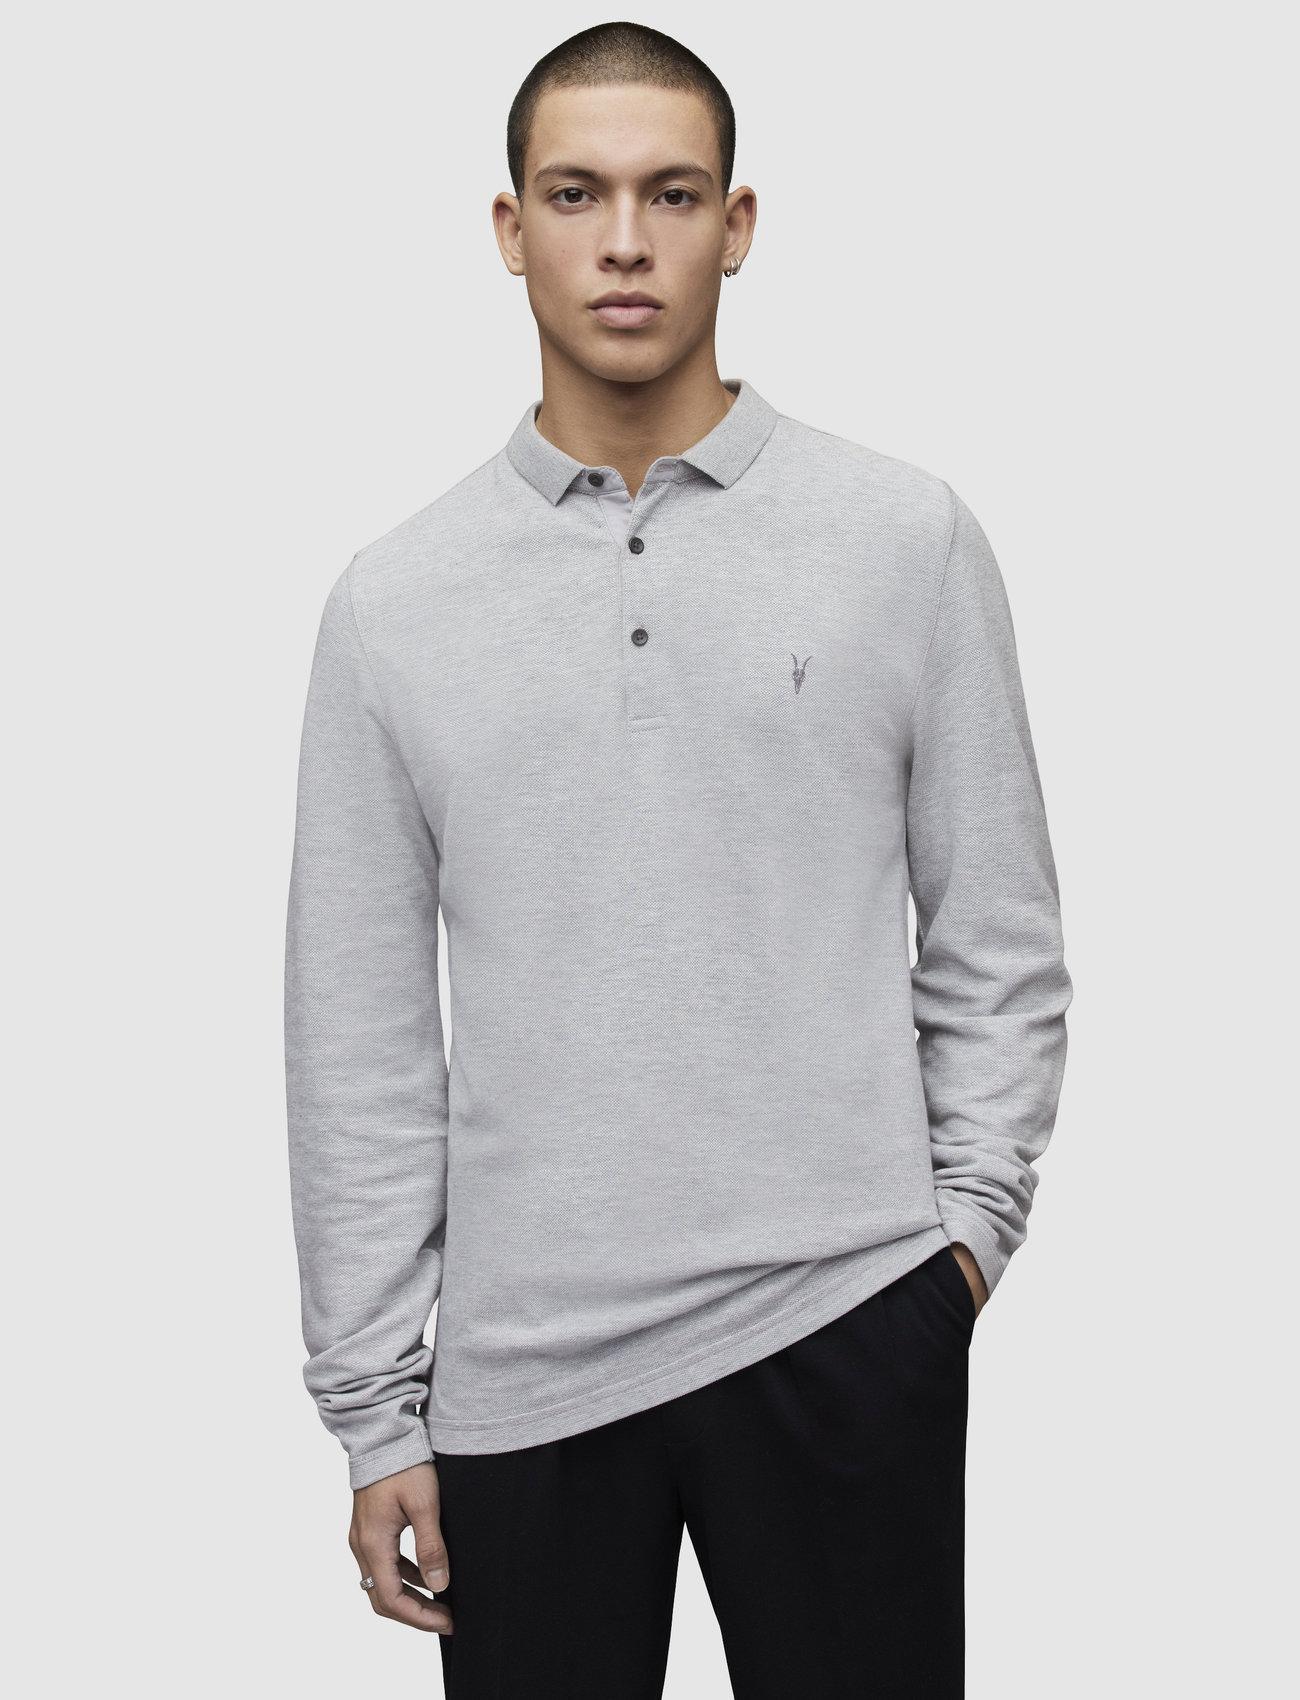 AllSaints REFORM LS POLO - T-skjorter GREY MARL - Menn Klær